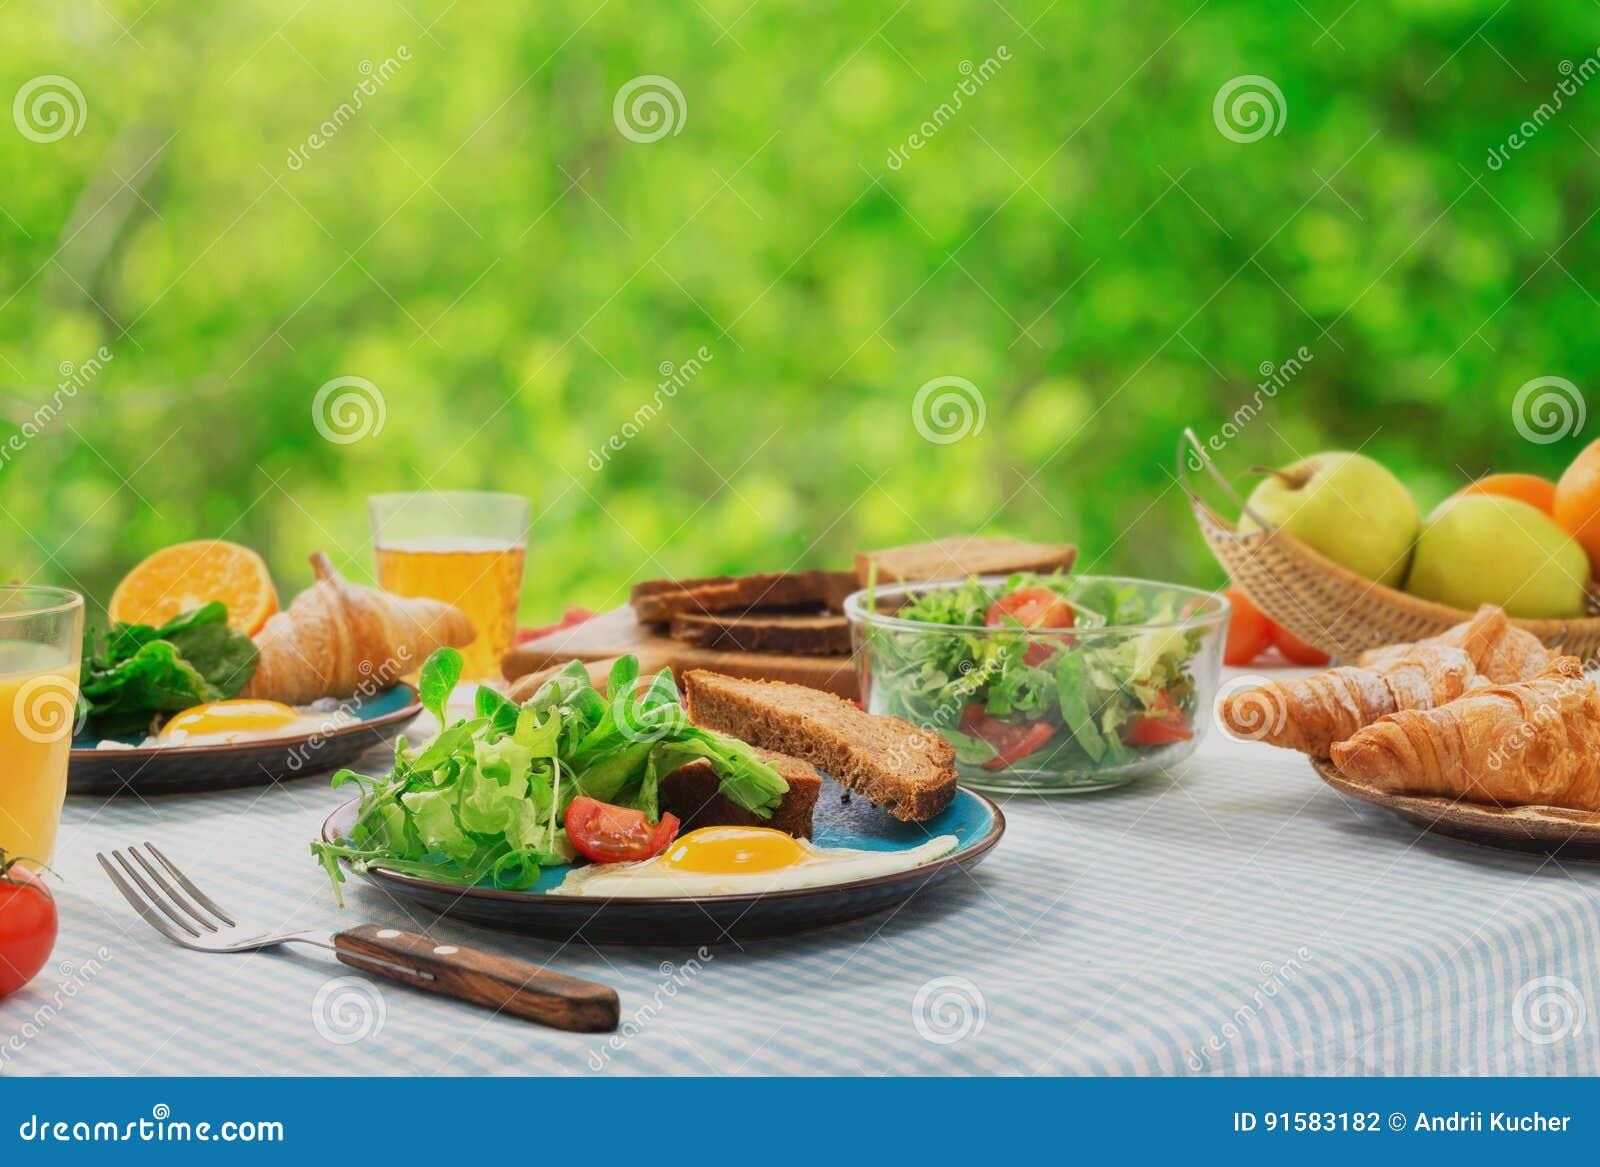 Tabela de pequeno almoço com alimento saudável ovos fritos, salada, croissant